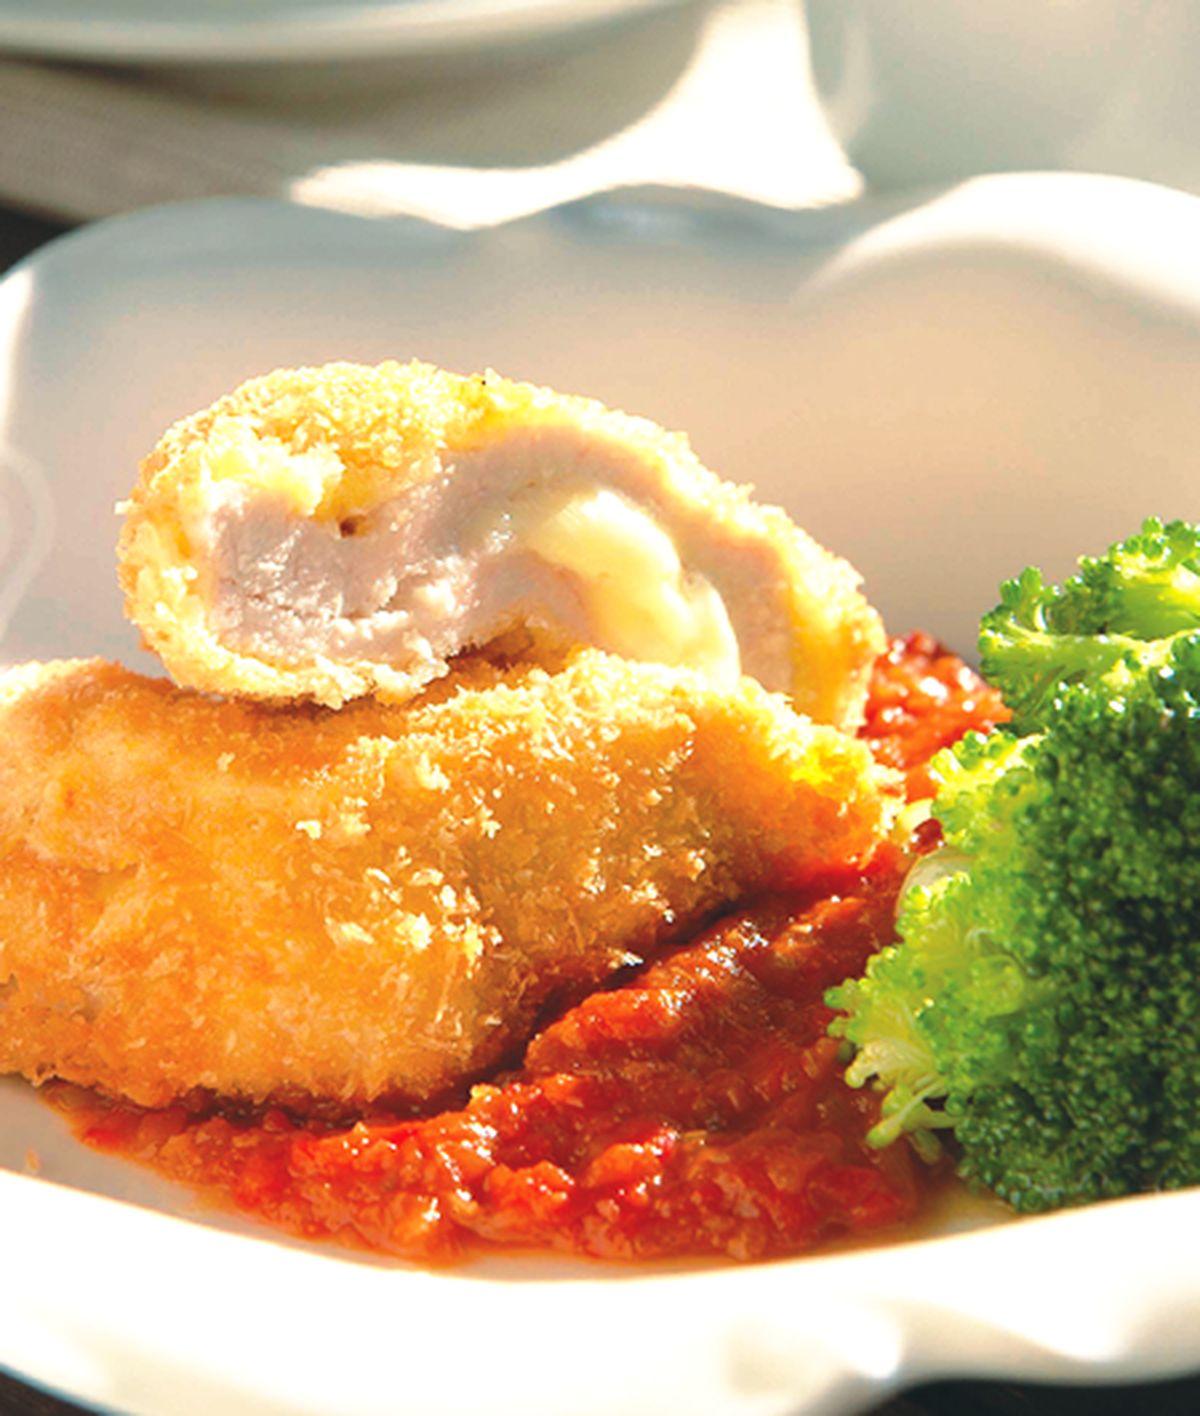 食譜:吉利豬排佐蕃茄甜椒醬